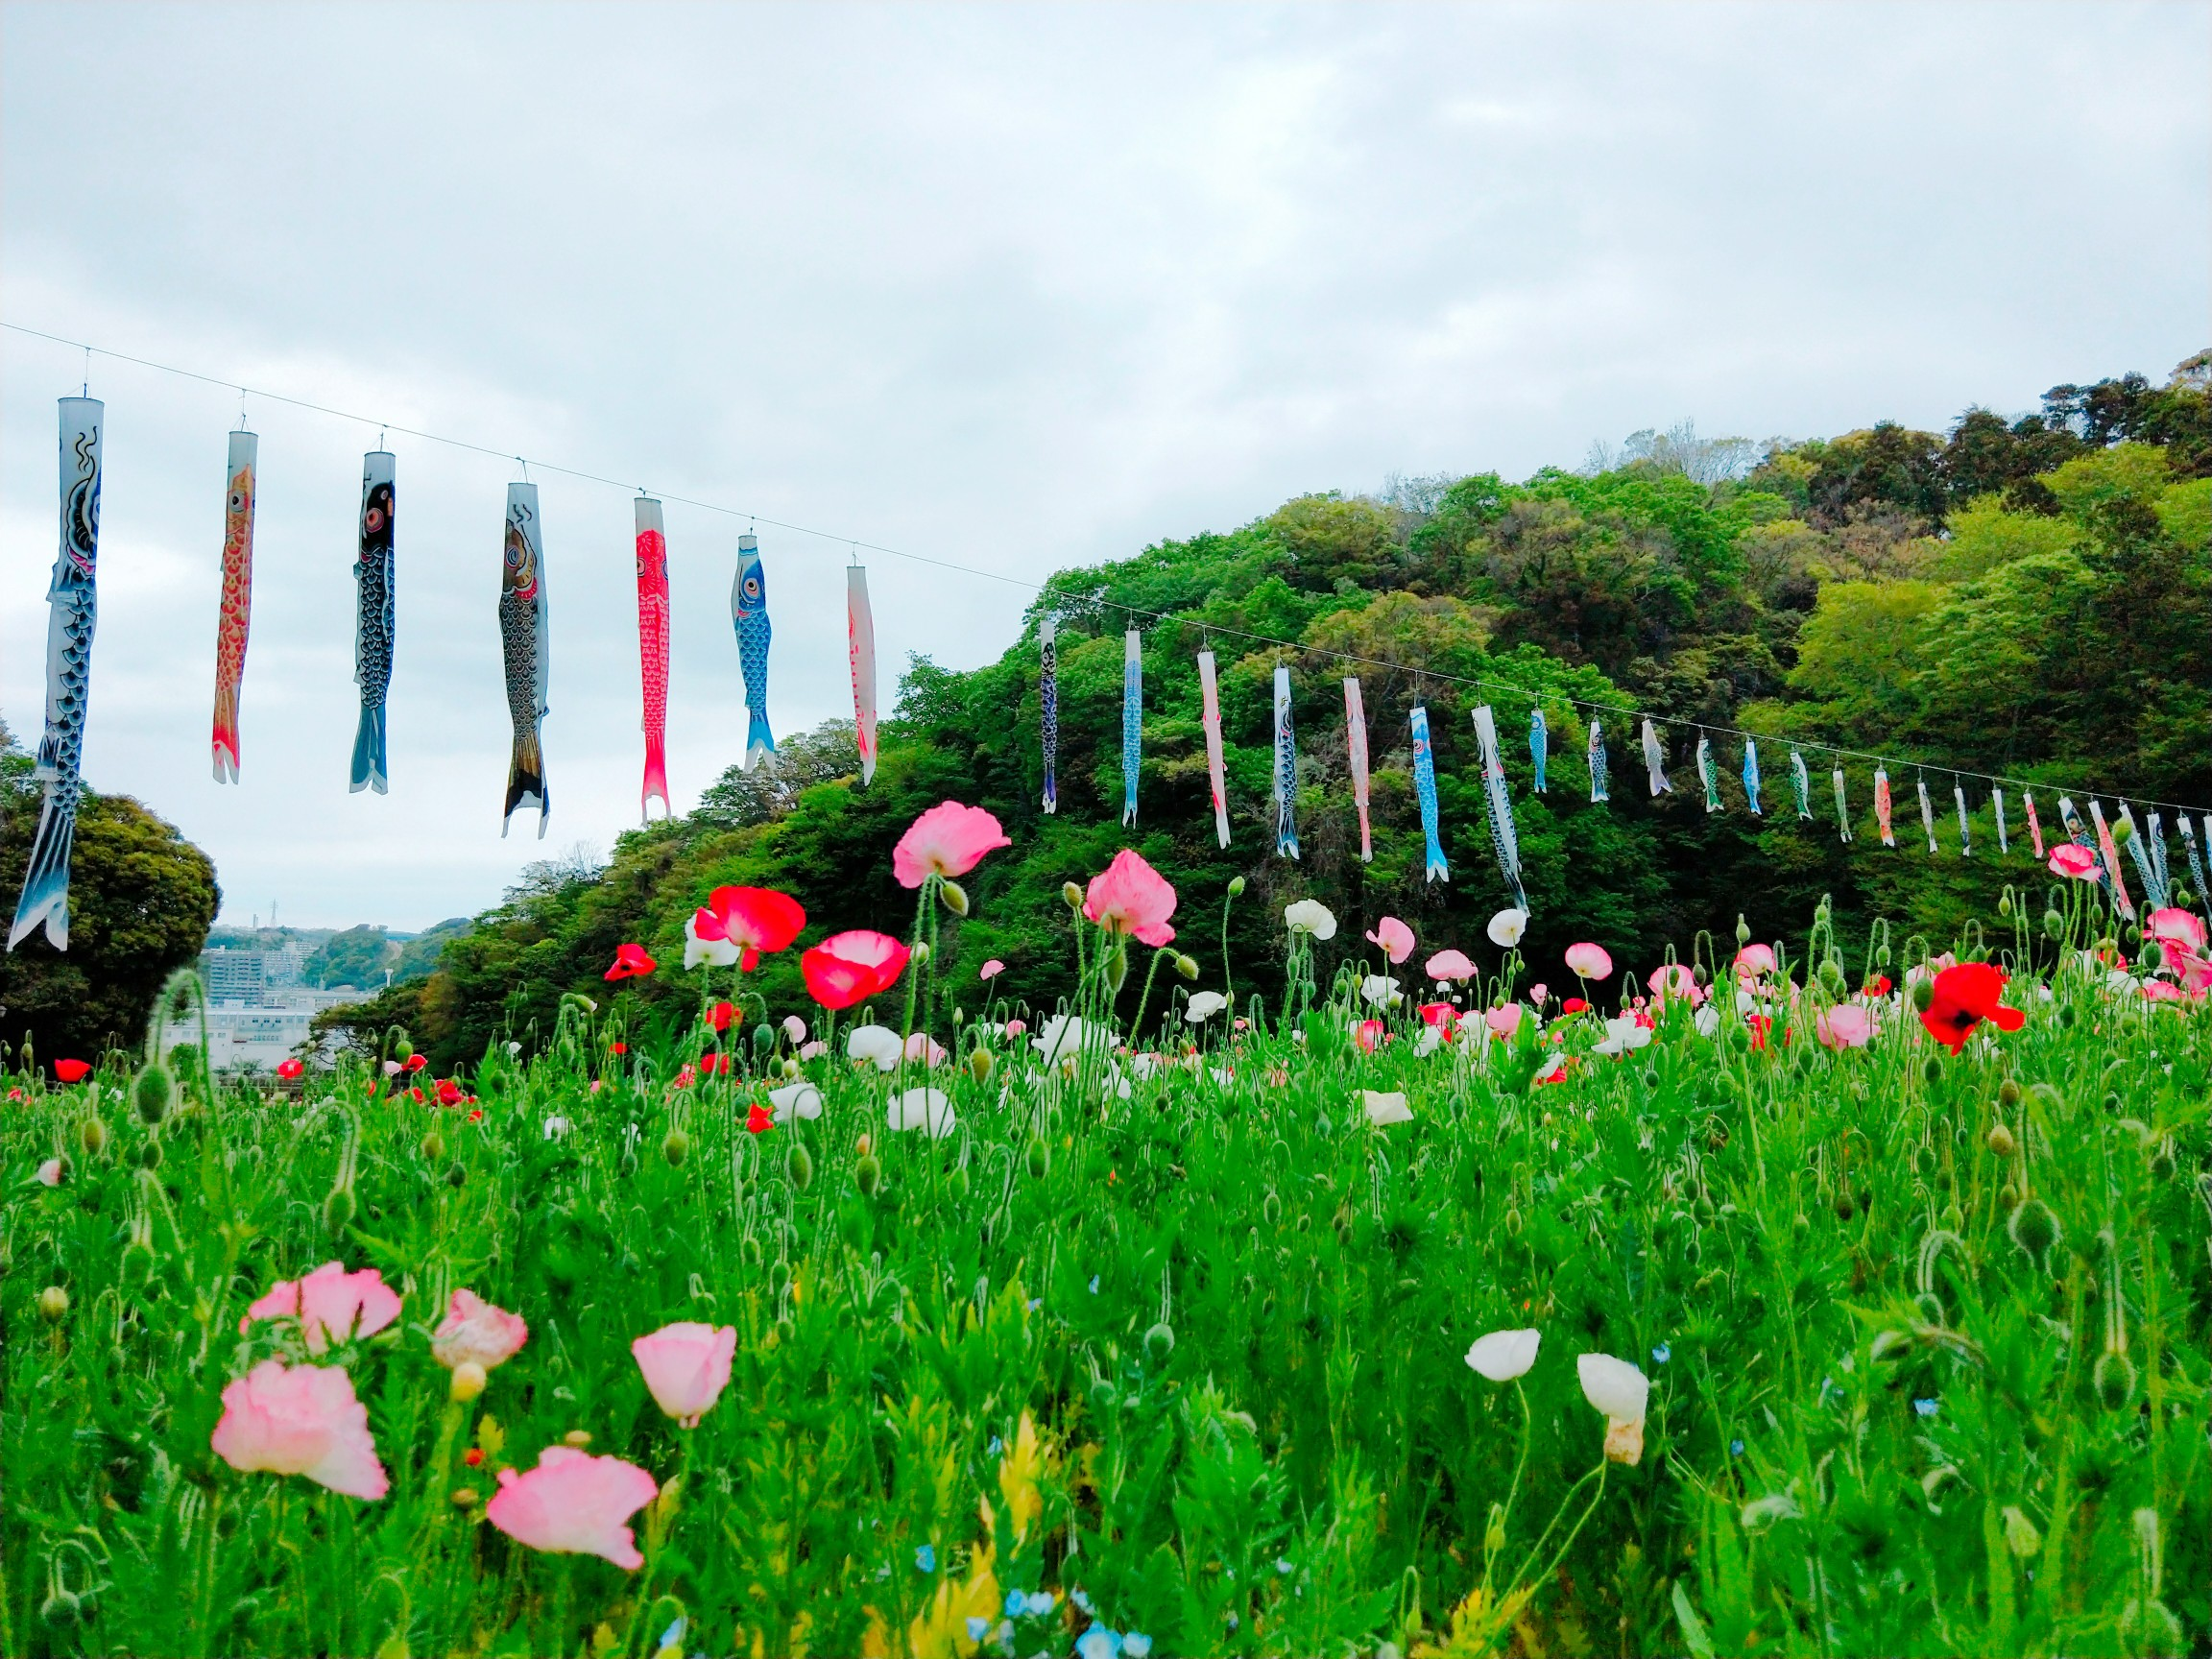 神奈川県でも見られる!ネモフィラ✿ポピー祭りも開催中!_5